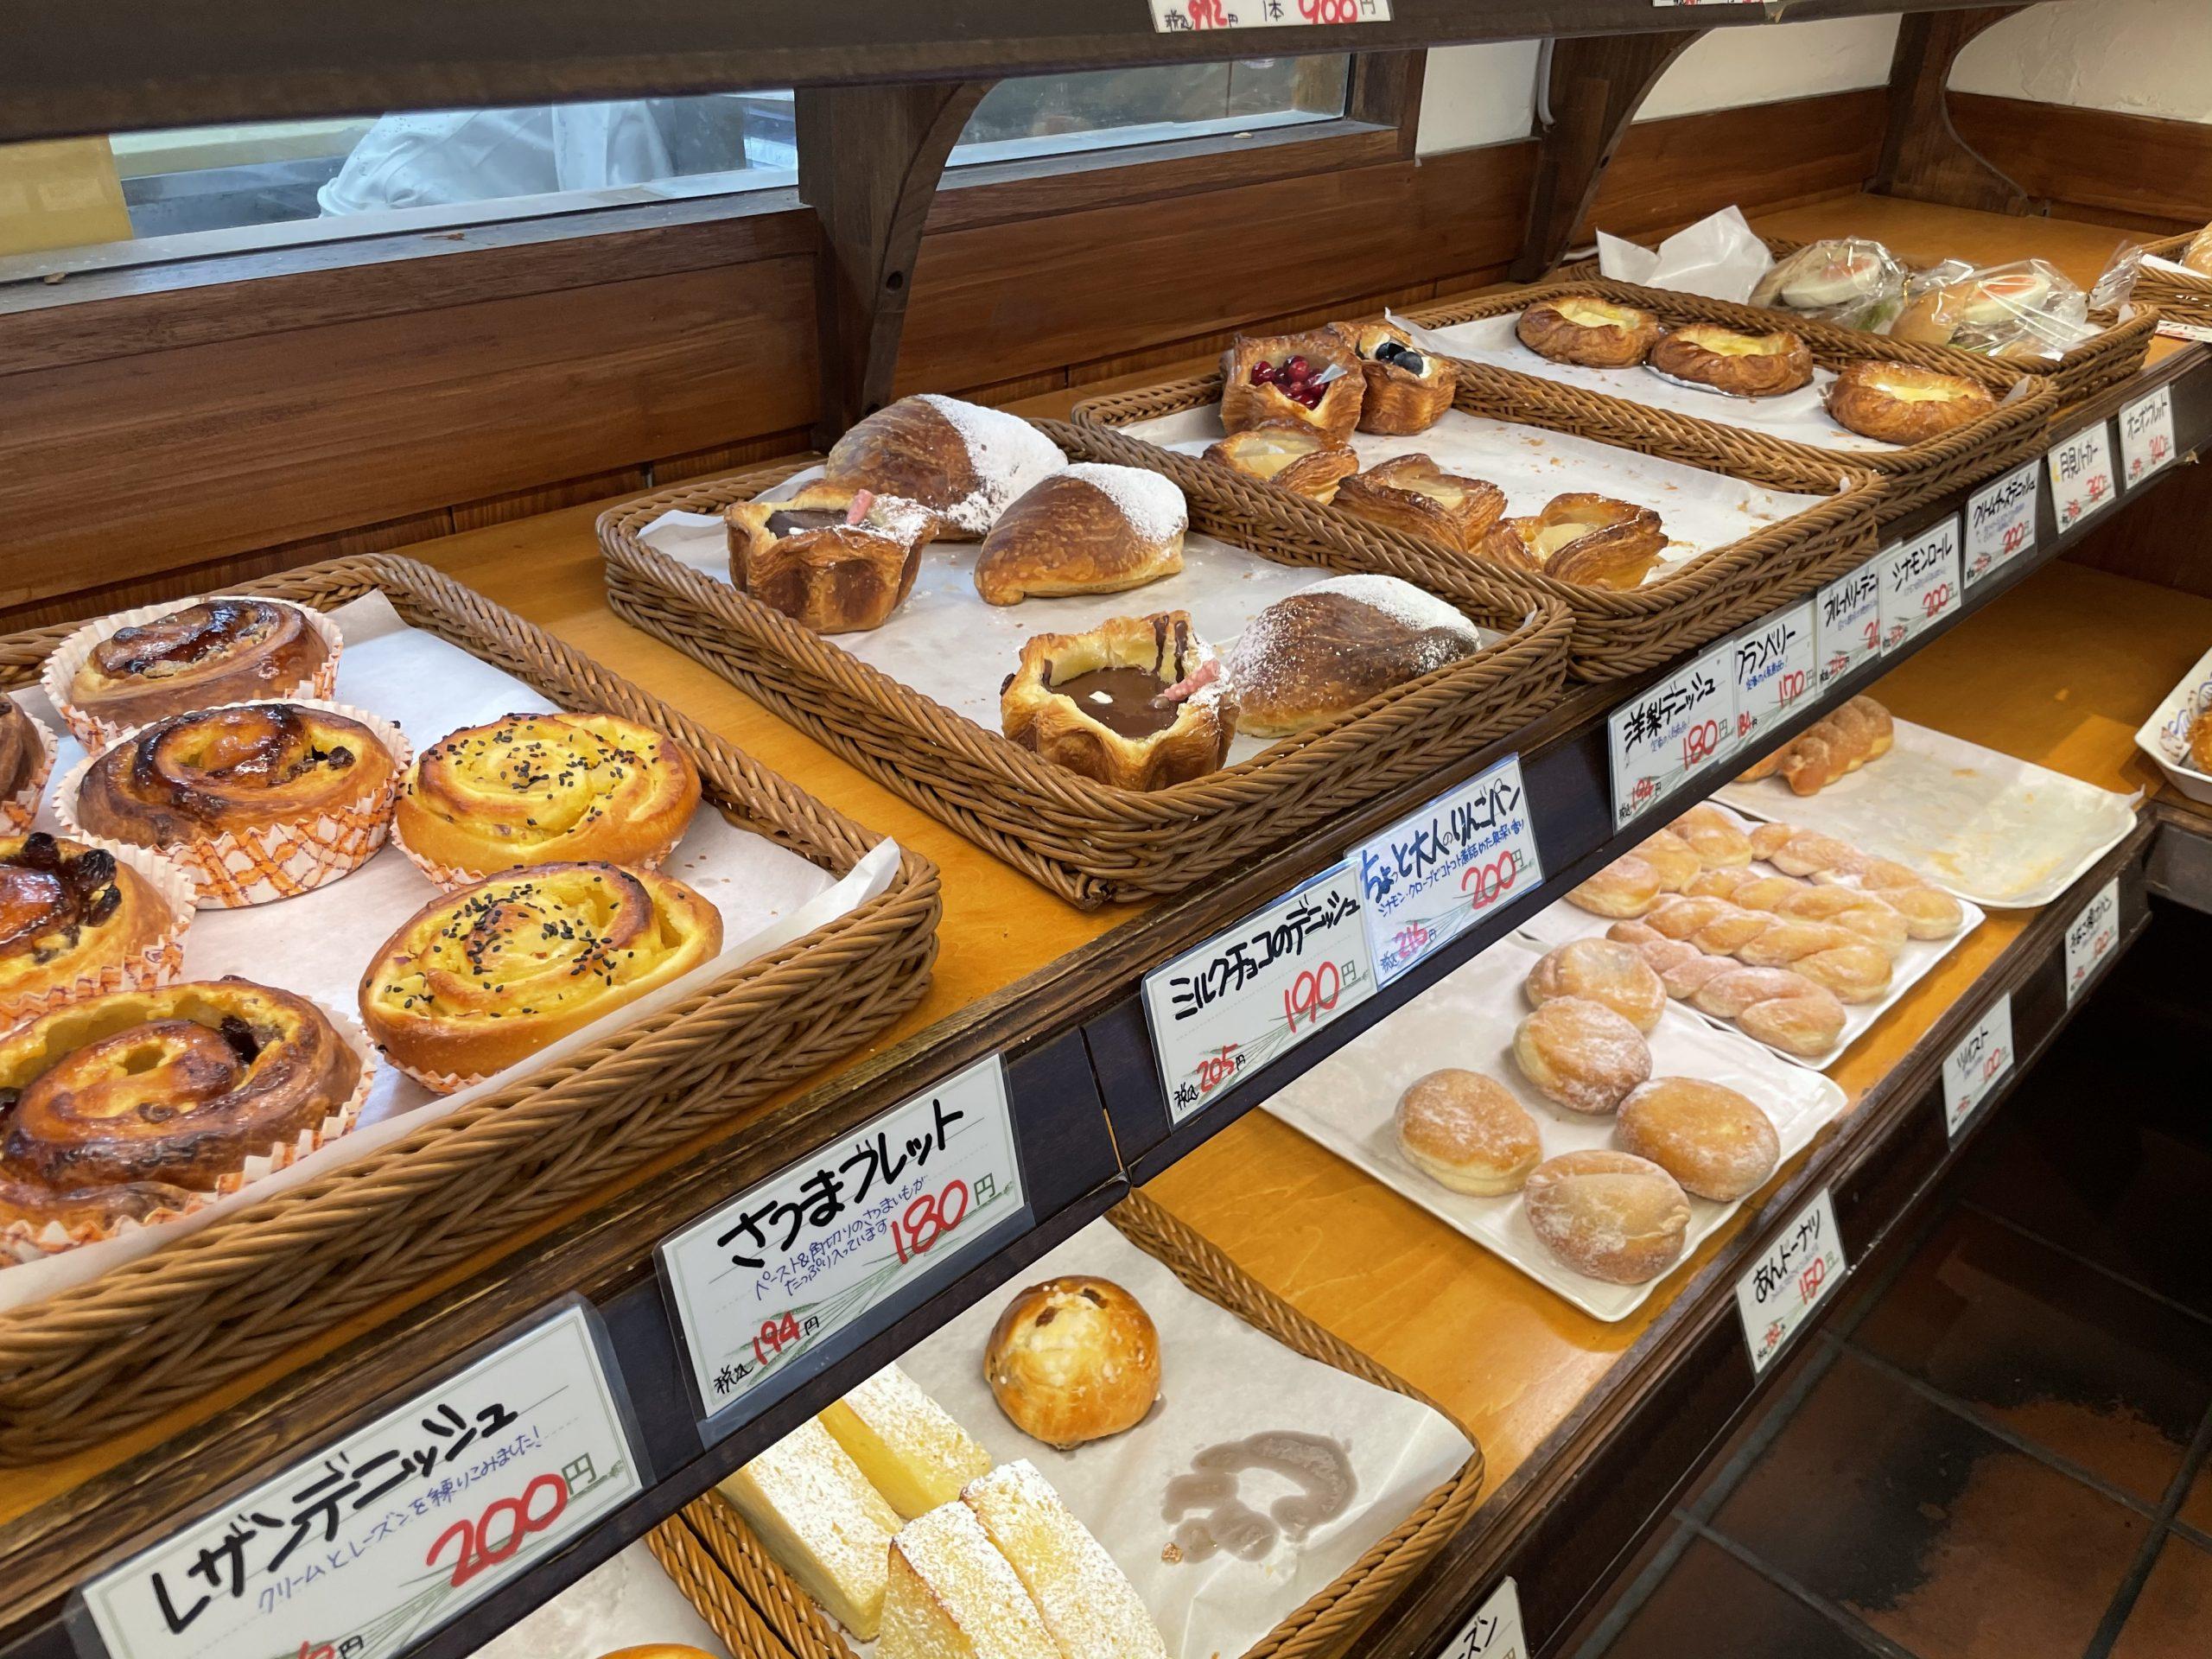 【横浜】カレーパンが人気!富士山溶岩窯で出迎える「ローゼンボア」は創業1937年の老舗ベーカリー